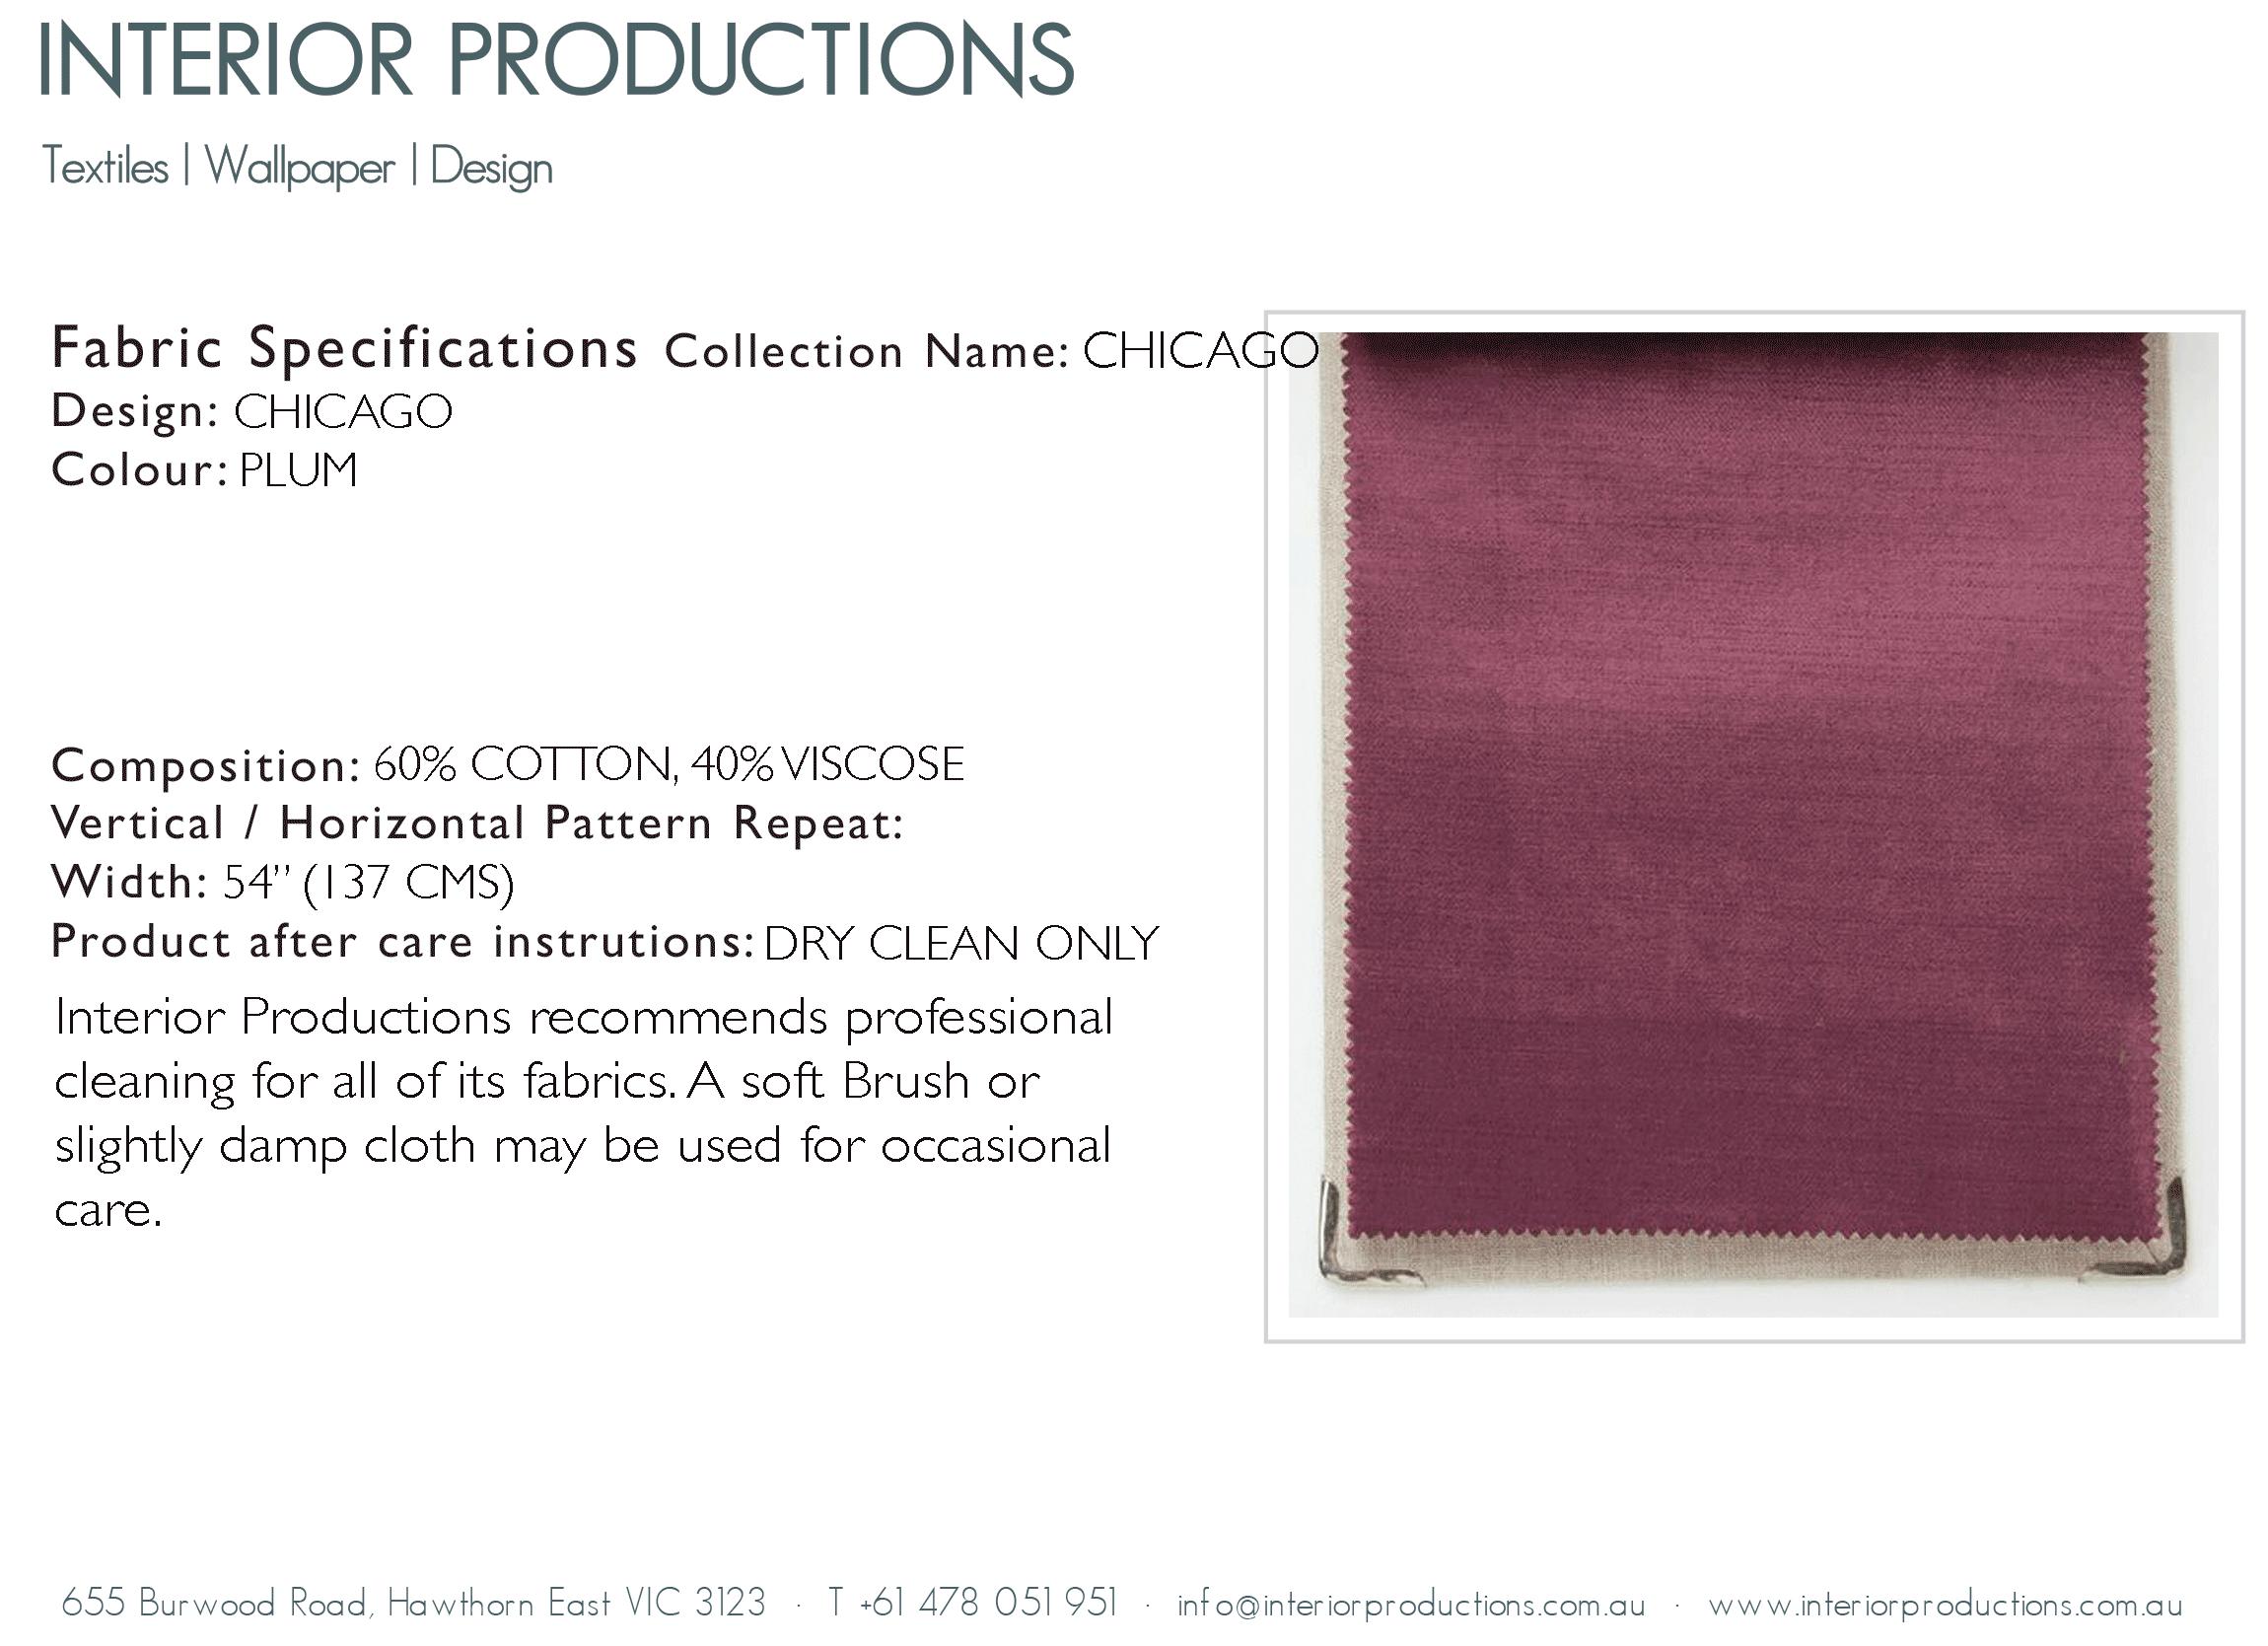 interior_productions_CHICAGO---PLUM